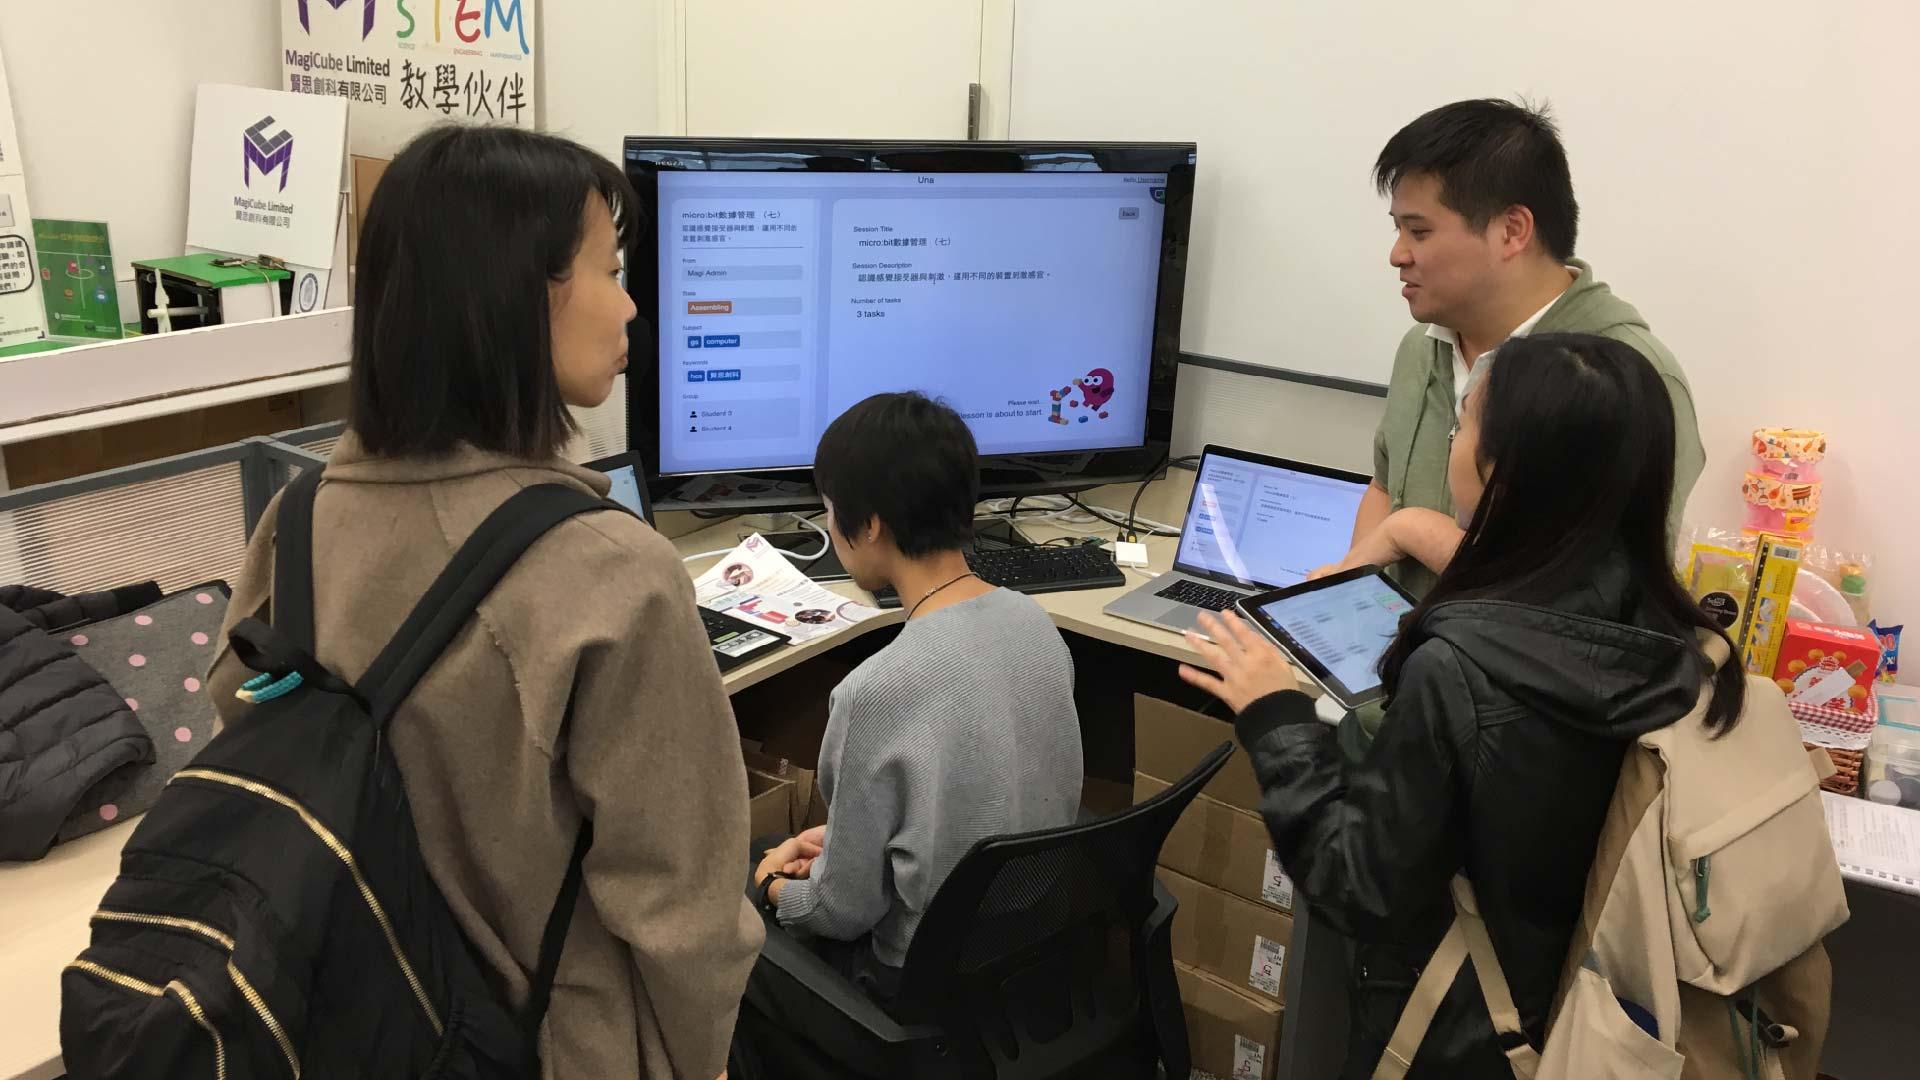 The Hong Kong Federation Of Youth Groups visit 2